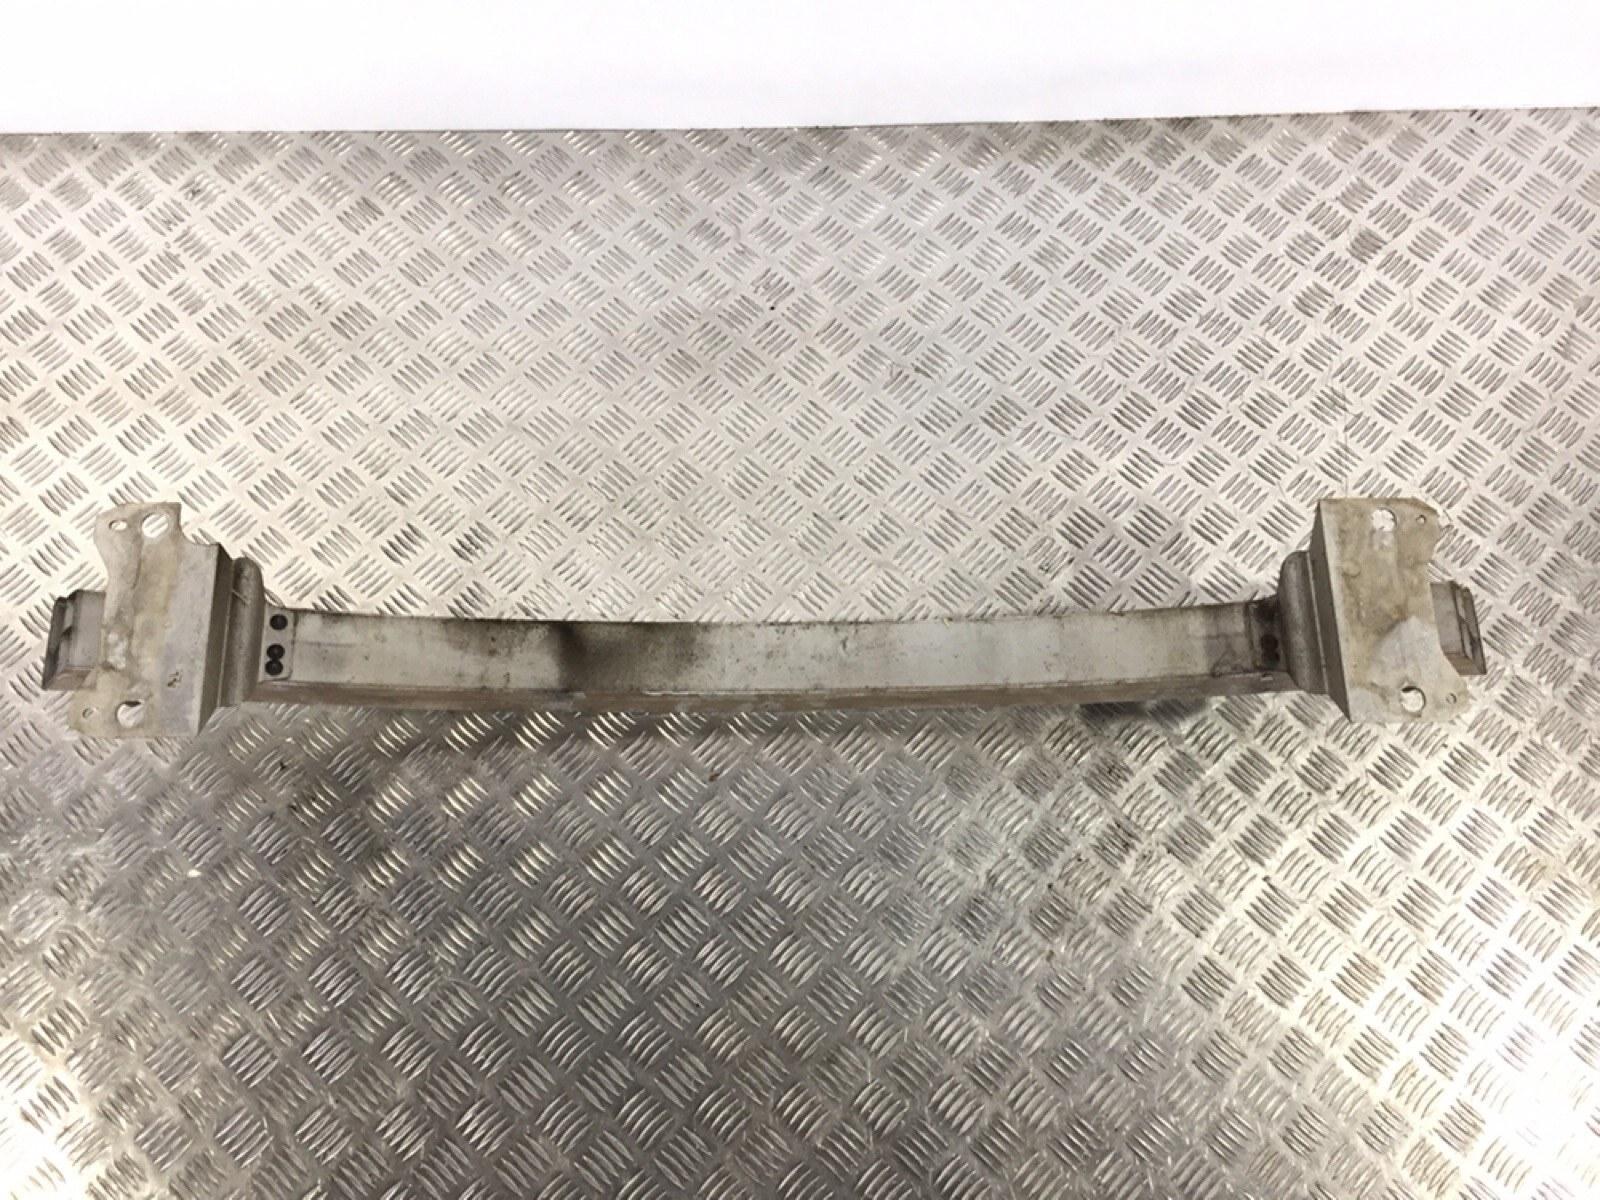 Усилитель бампера переднего Audi A2 8Z 1.4 I 2000 (б/у)